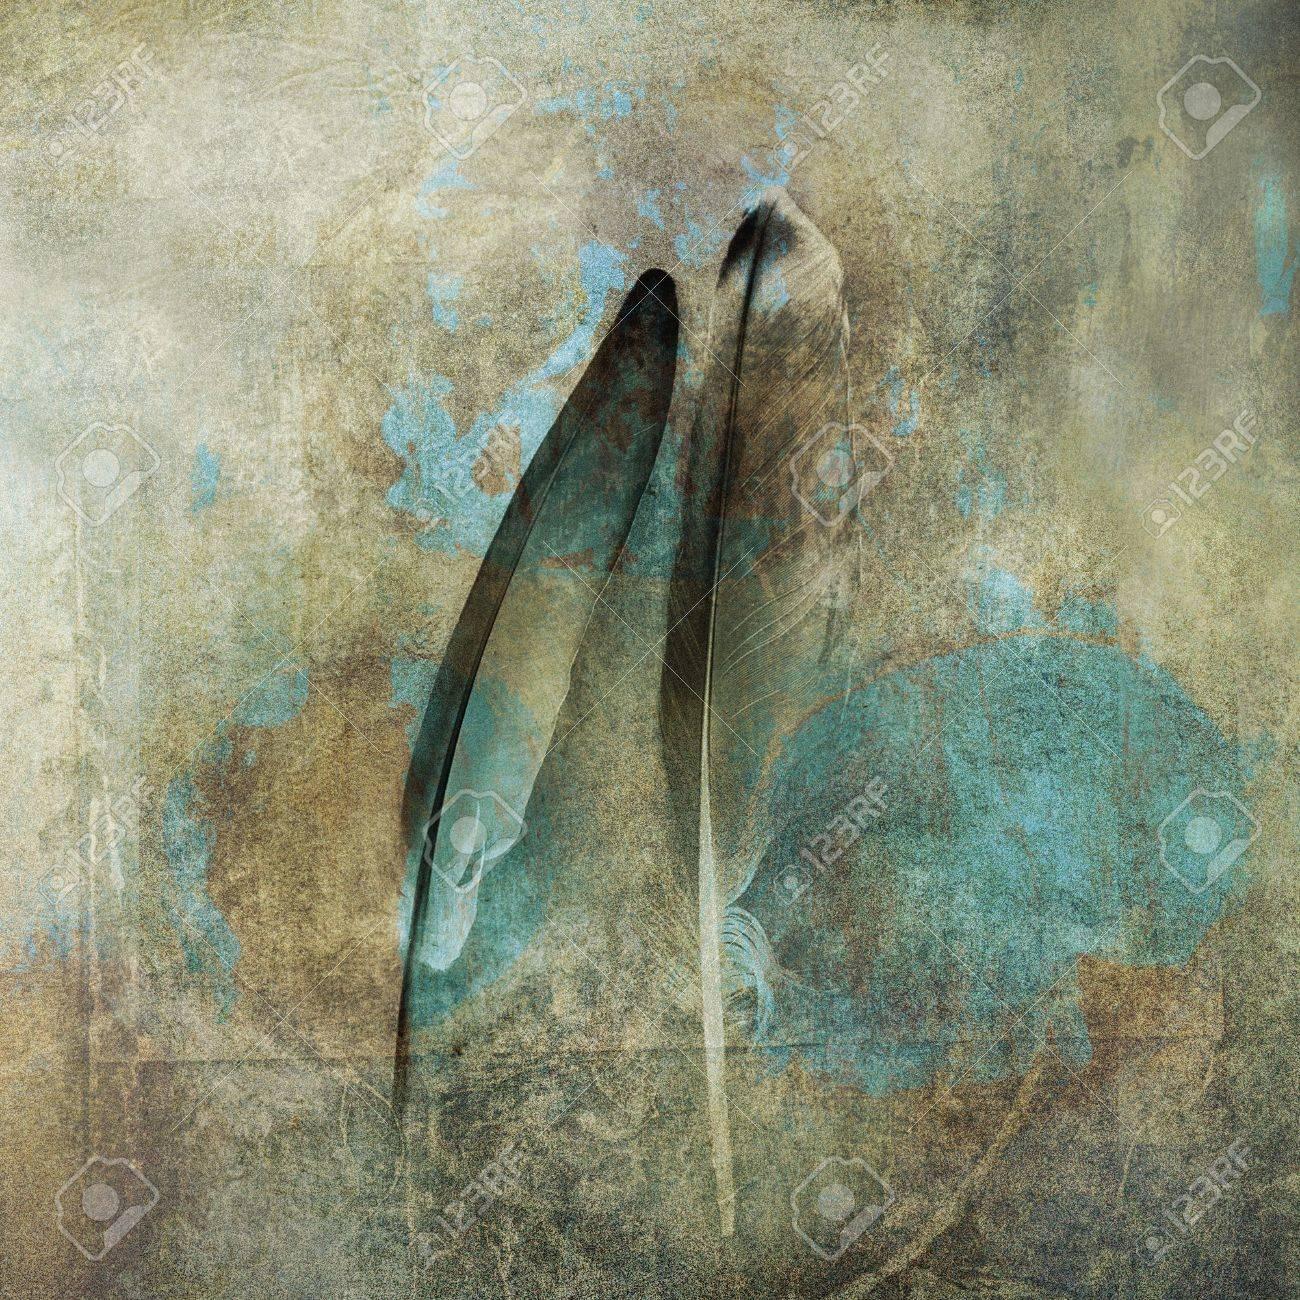 Two feathers. Photo based illustration. - 5169129